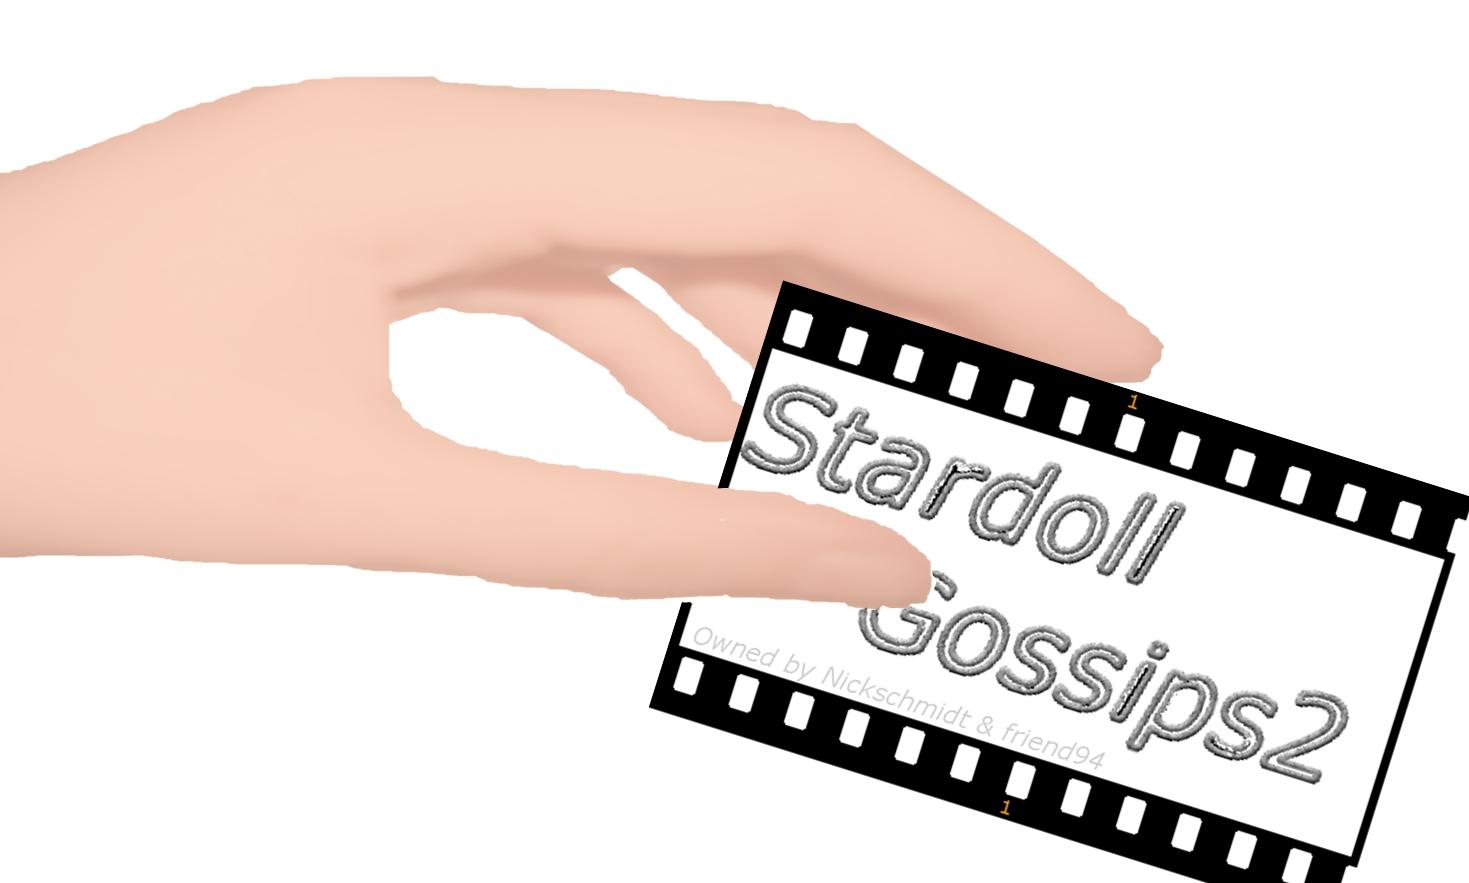 http://4.bp.blogspot.com/_jZuZg3qcAI8/TR5QA9hwKyI/AAAAAAAACjA/bu3SUyYeWxE/S1600-R/stardoll-gossips2-header.jpg